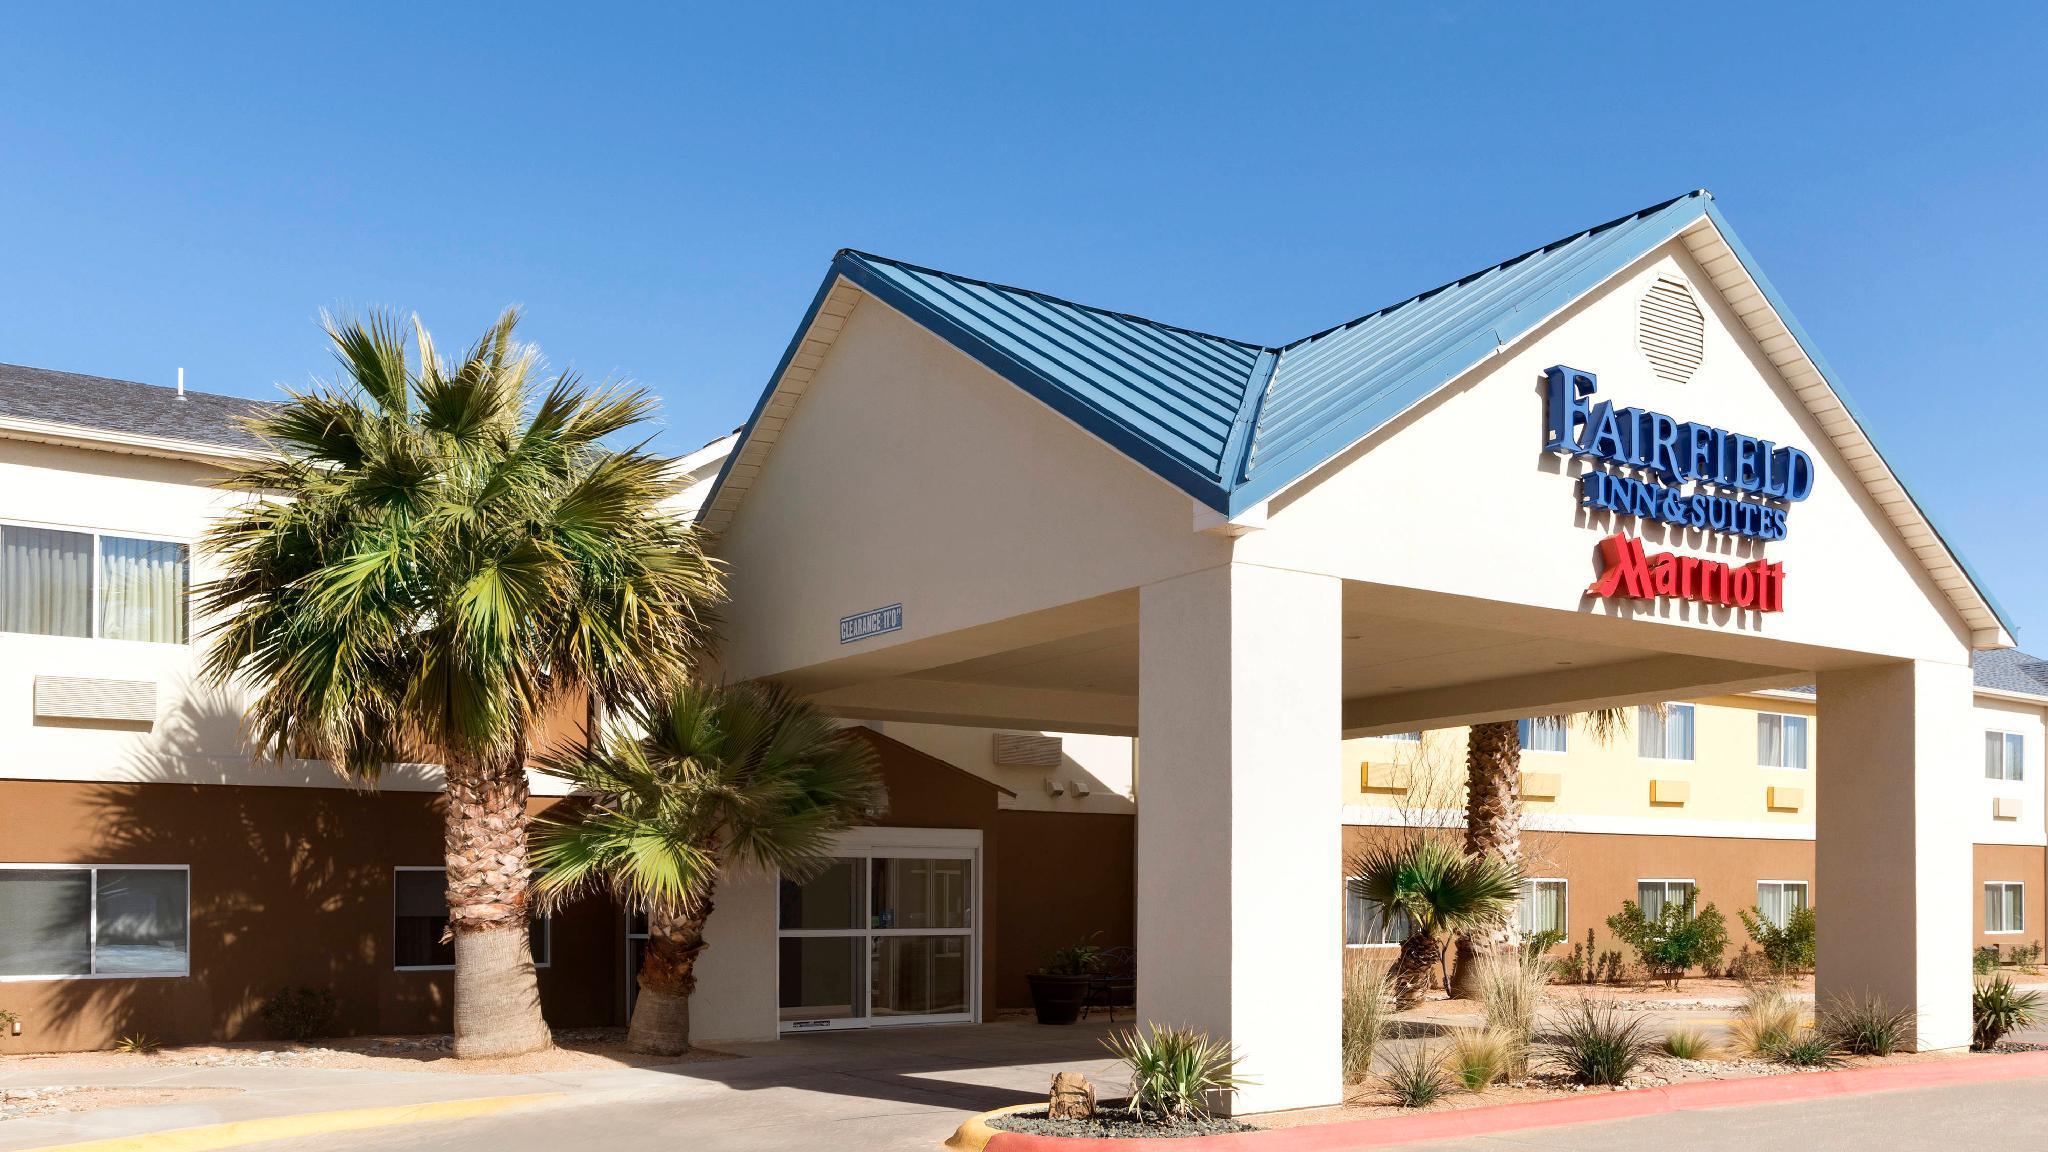 Fairfield Inn And Suites By Marriott Midland